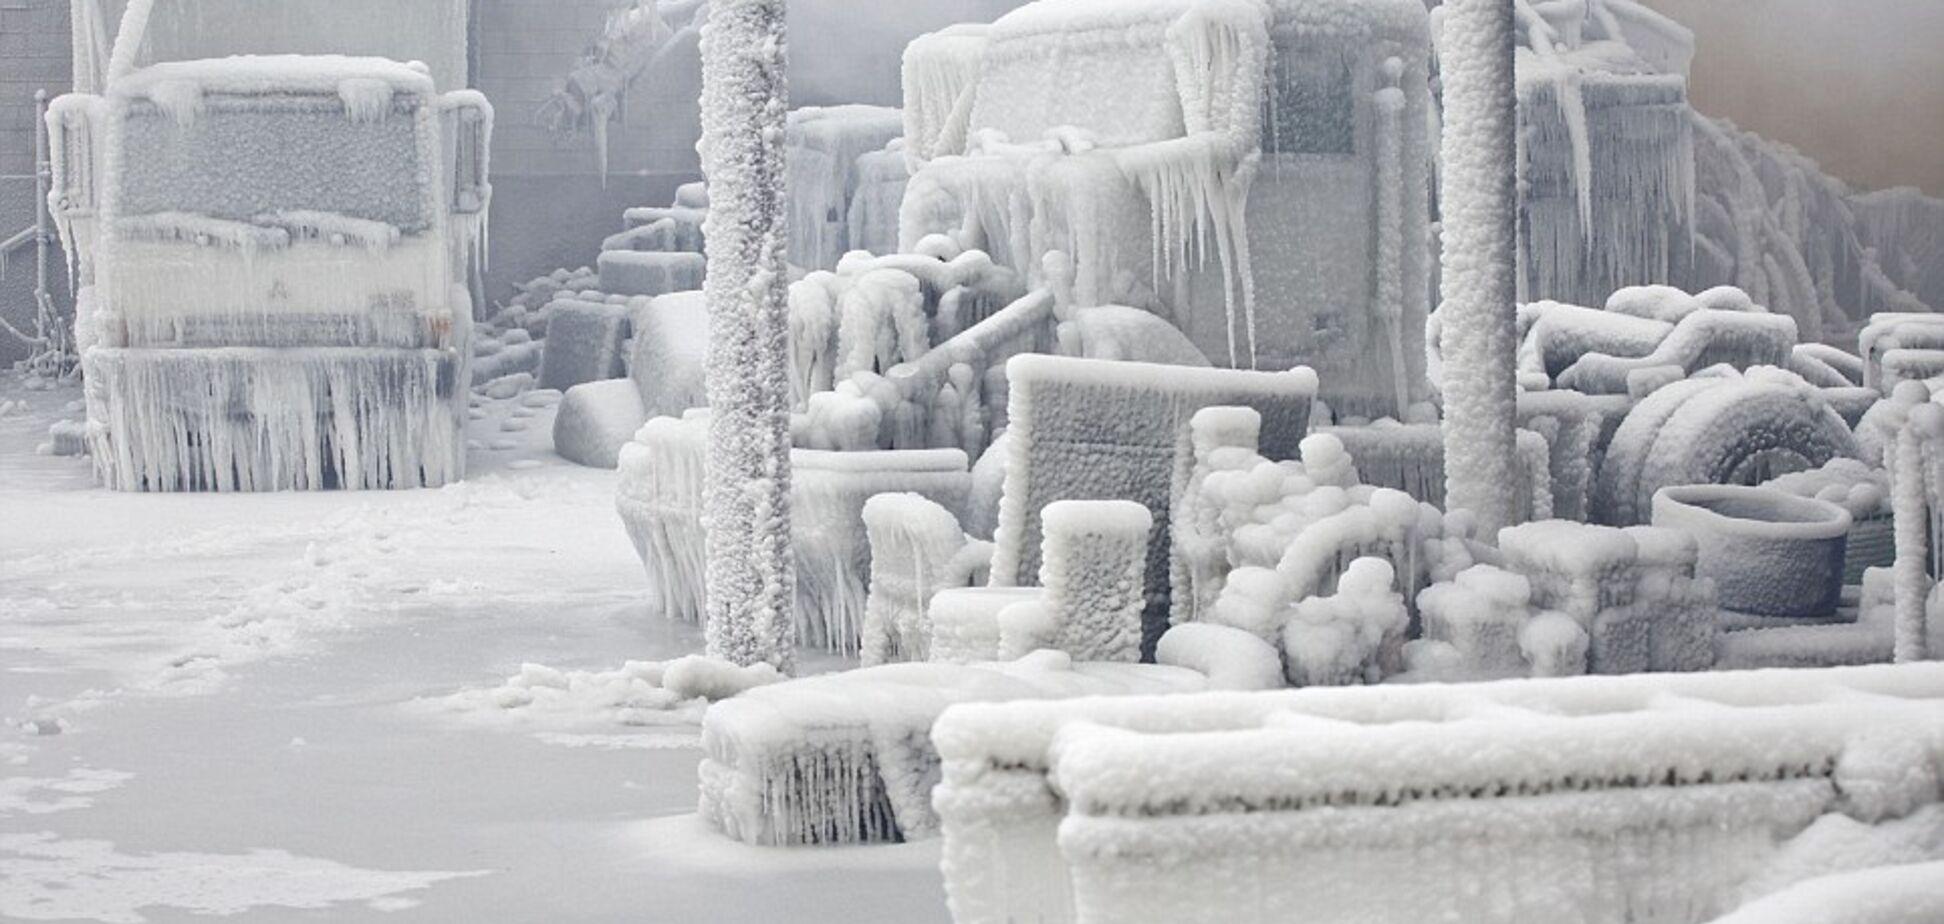 Може залишитися без тепла: Україні вказали на нову небезпеку